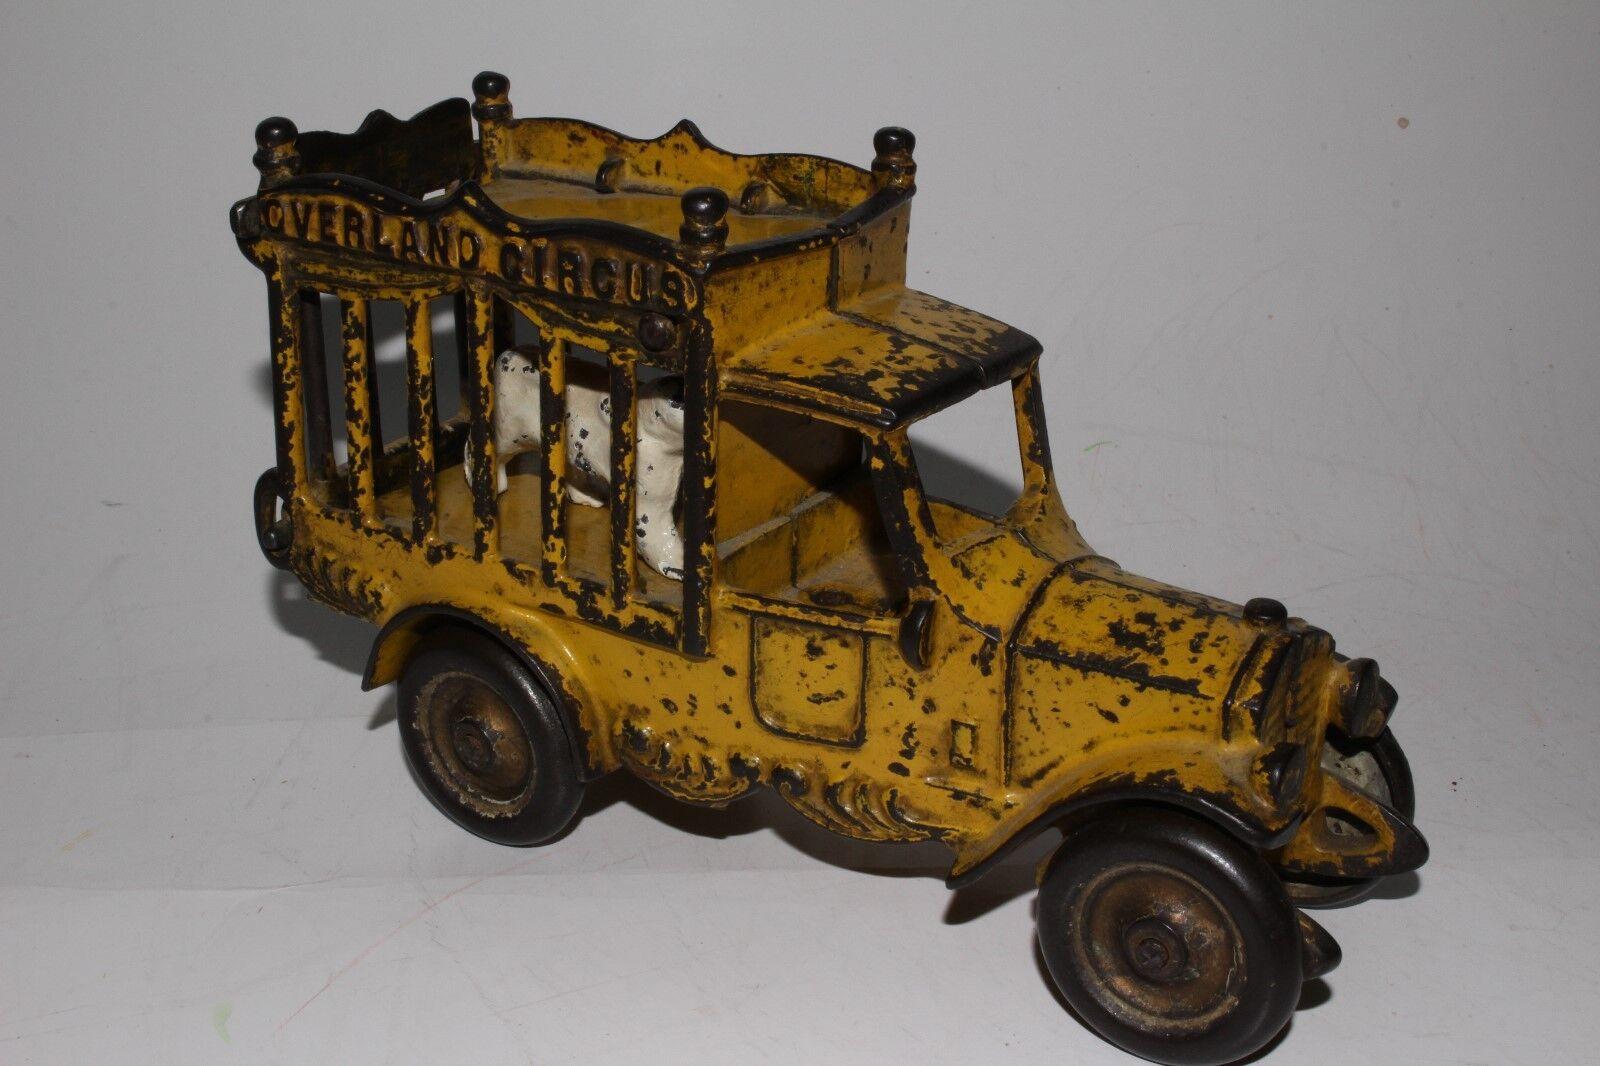 Kenton 1920's Cast Iron Overland Circus Truck with Polar Bear, Yellow, Original